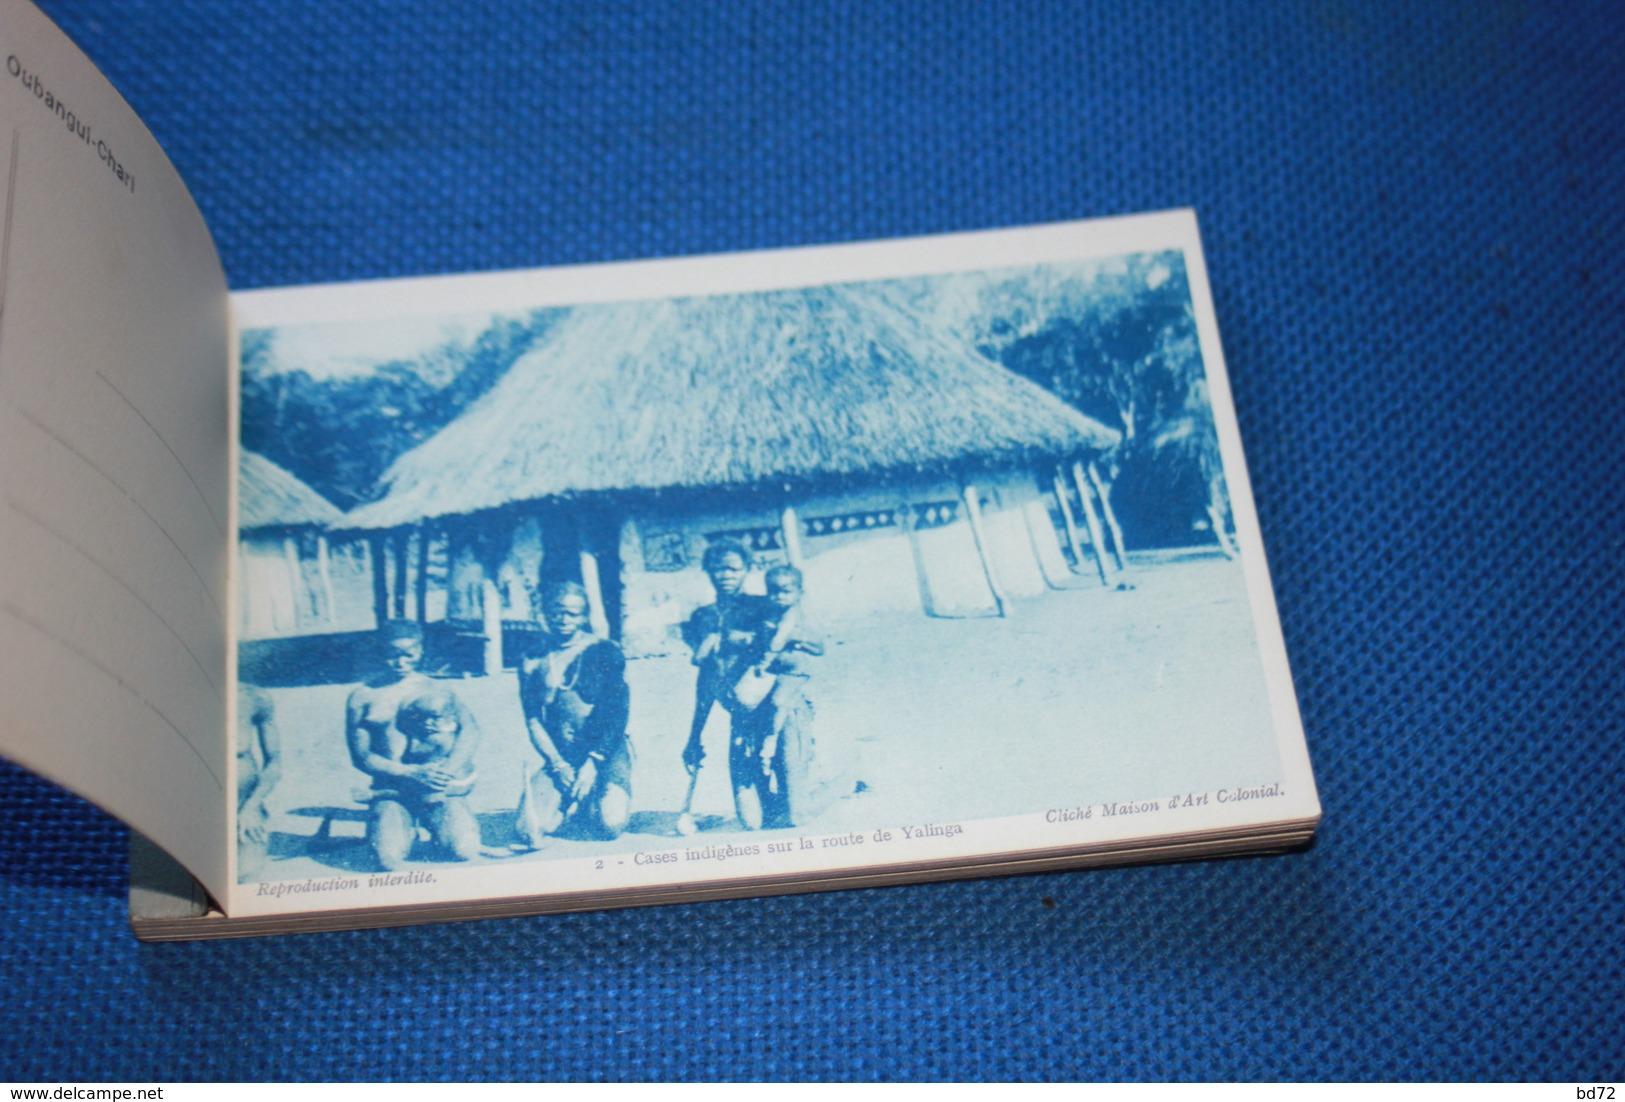 OUBANGUI-CHARI  - Carnet Complet De 20 Cartes - Centrafricaine (République)